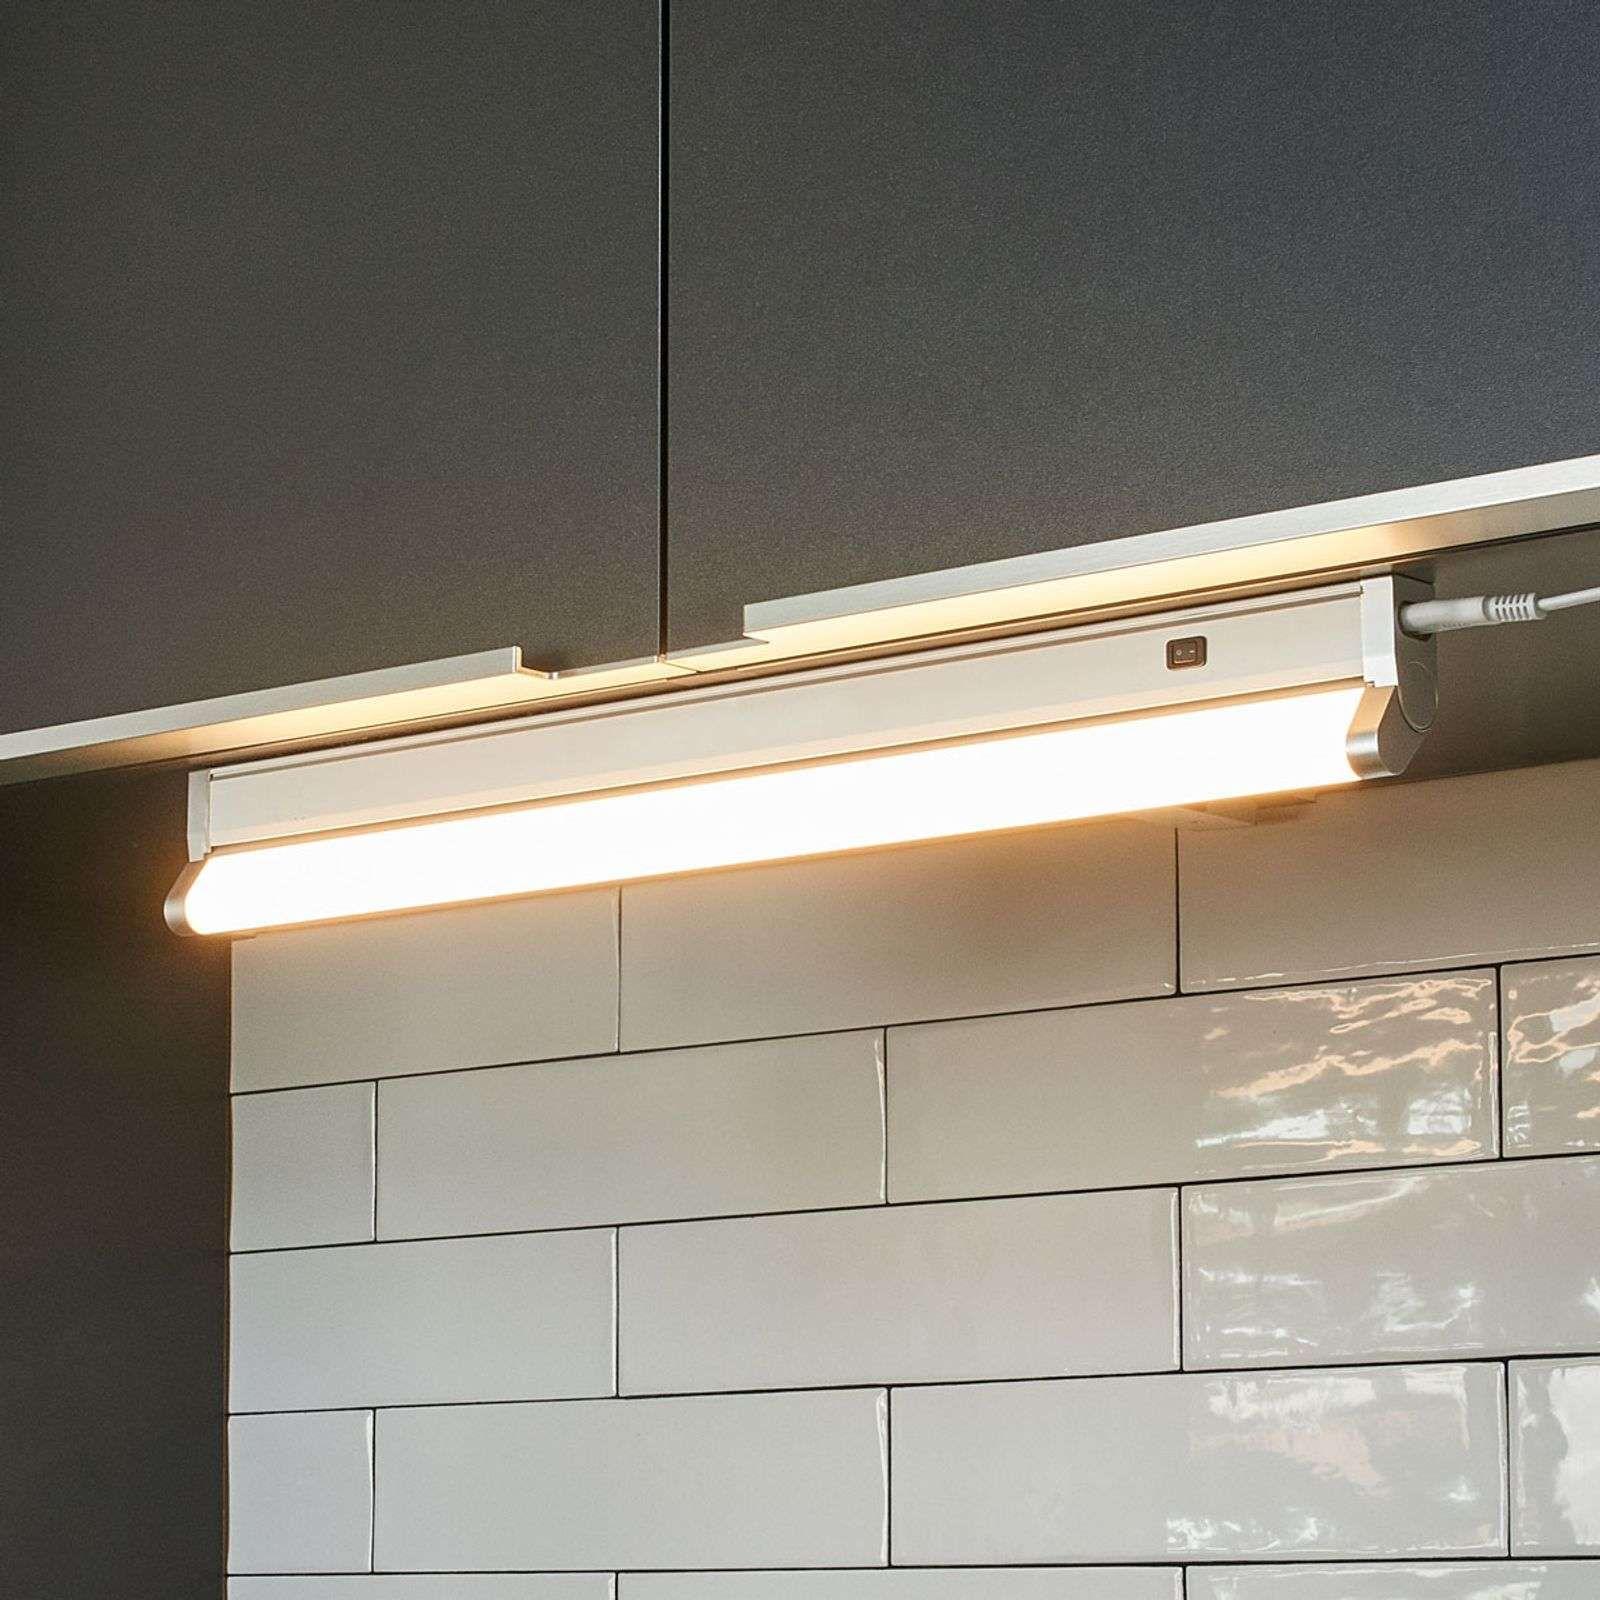 Lampe Pour Meuble Led Devin Avec Capteur De Lampenwelt Com Meuble Moderne Led Et Lampe Led